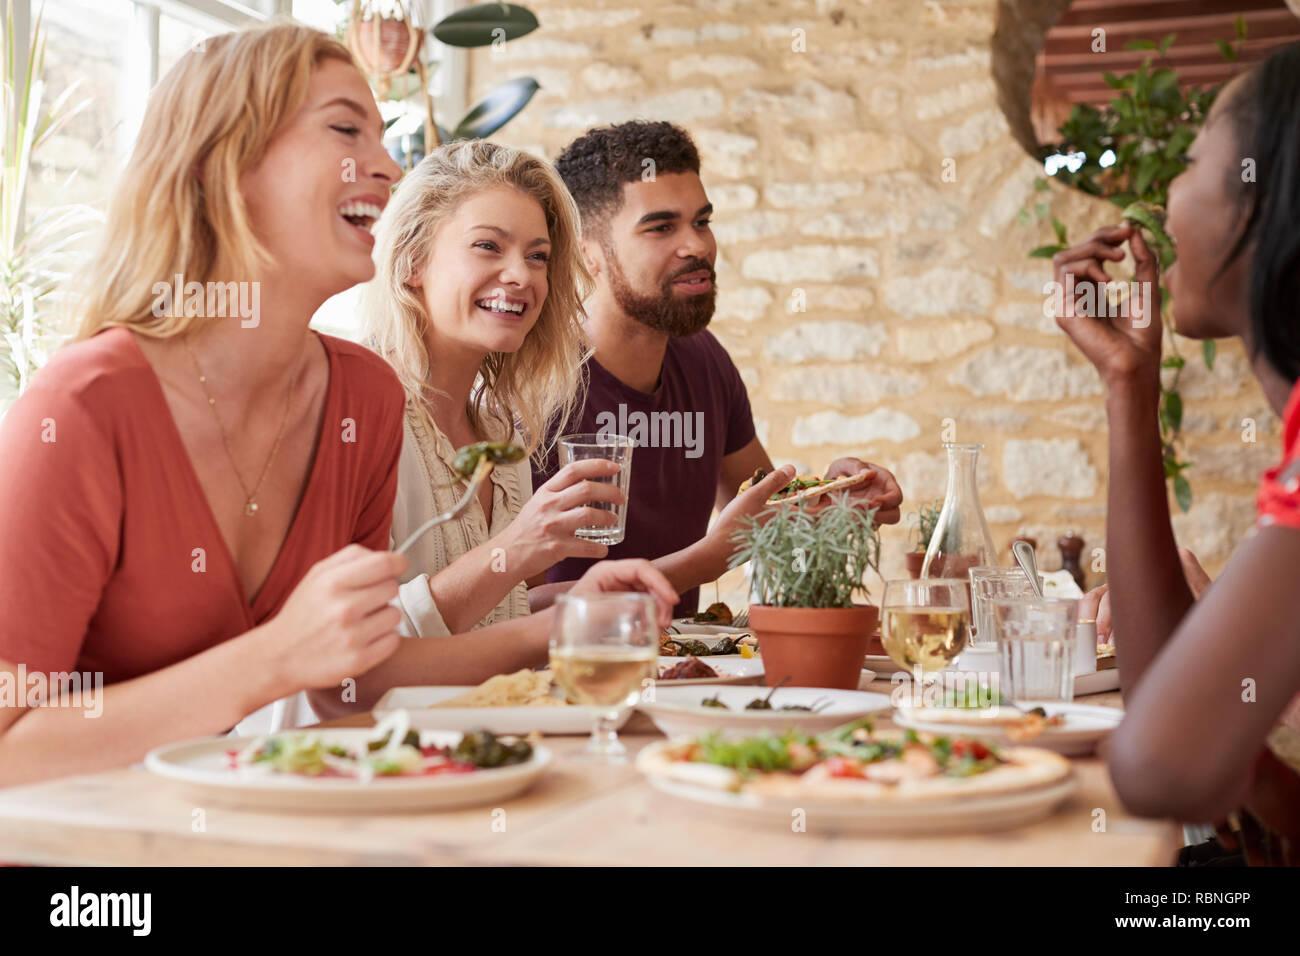 vier junge erwachsene freunde essen in einem restaurant. Black Bedroom Furniture Sets. Home Design Ideas